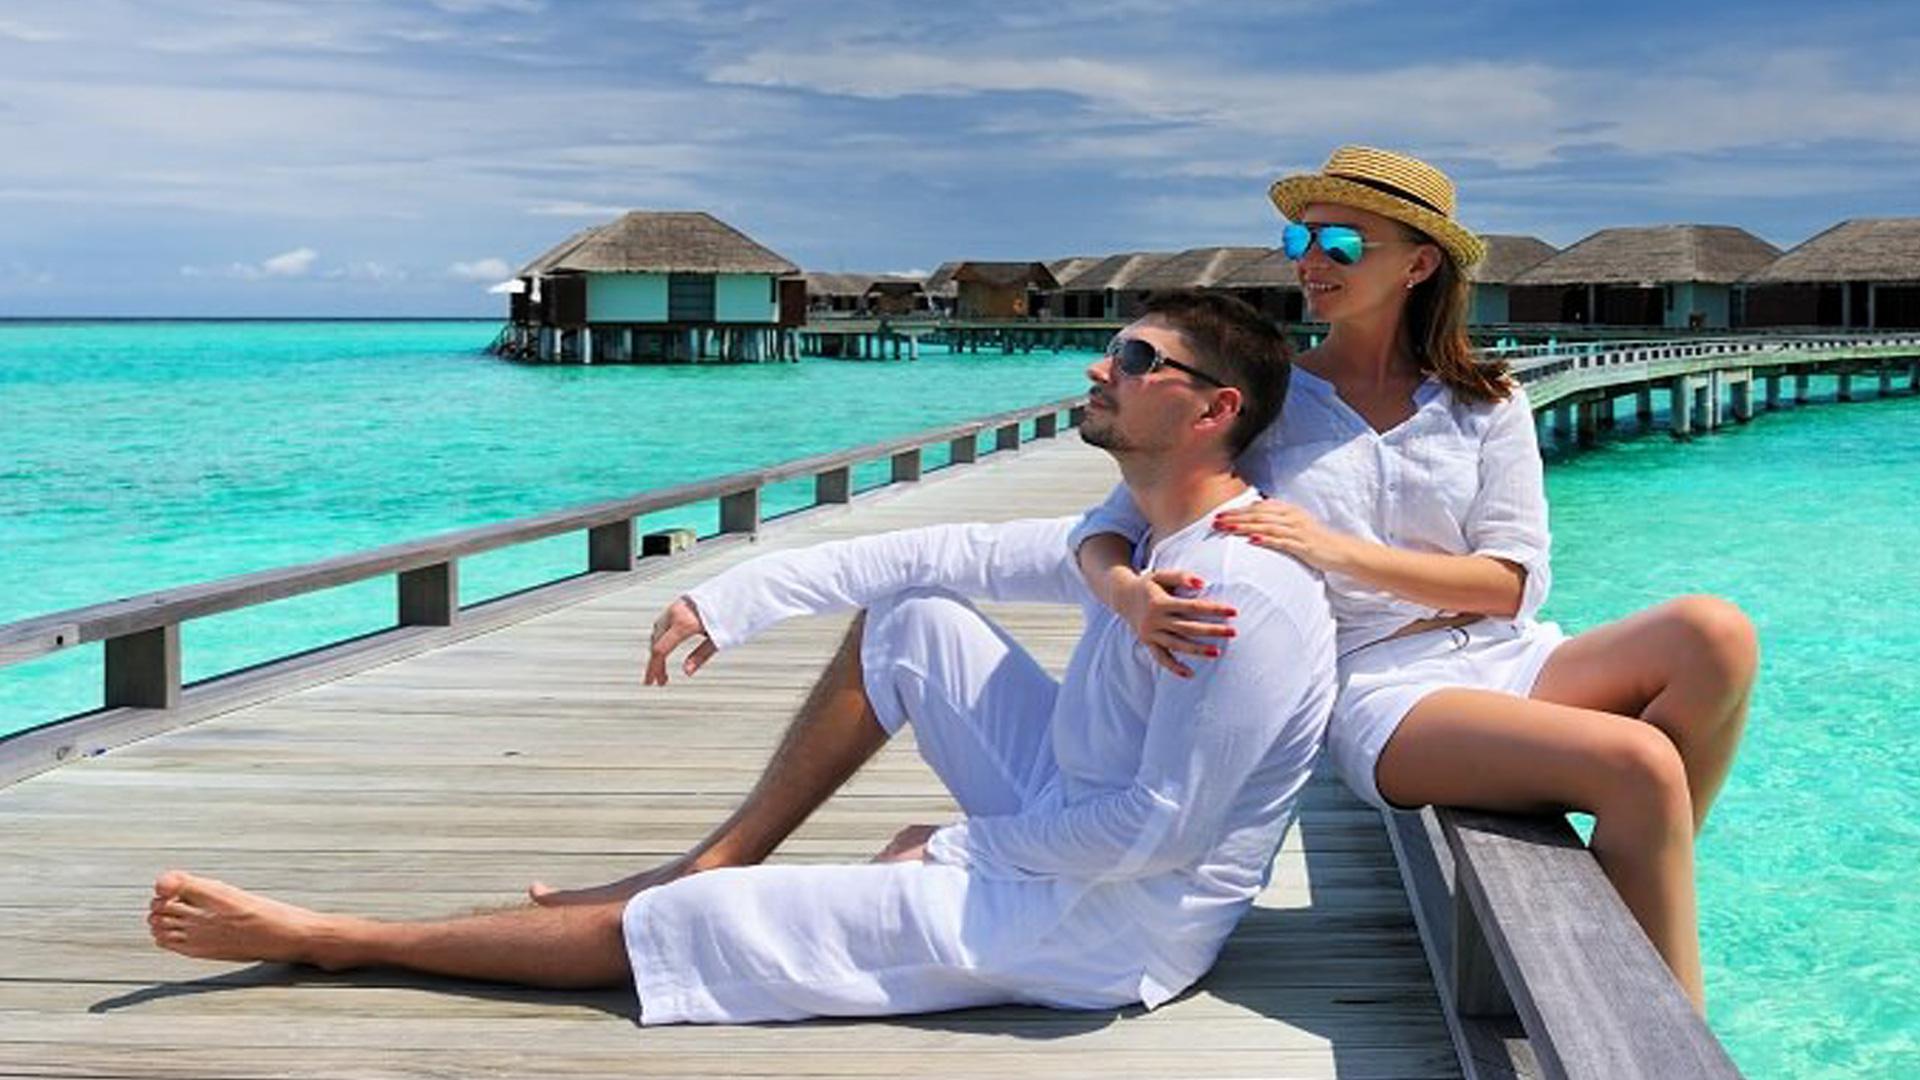 Gợi ý cách gây bất ngờ cho người thương mê du lịch trong mùa Valentine - Ảnh 2.